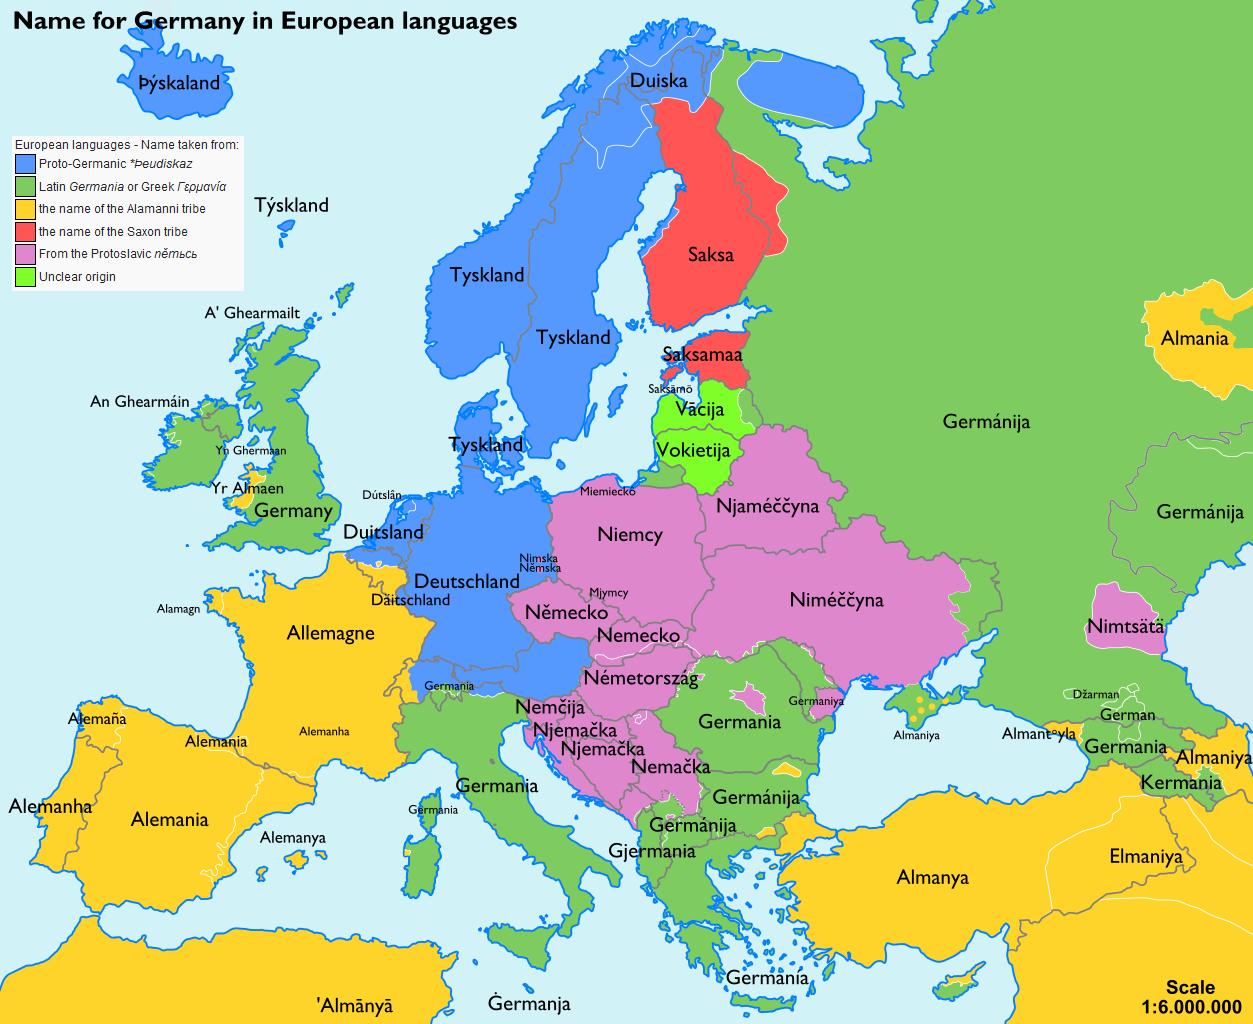 europa karte deutsch Landkartenblog: Europakarte zeigt wie Deutschland im Ausland heißt